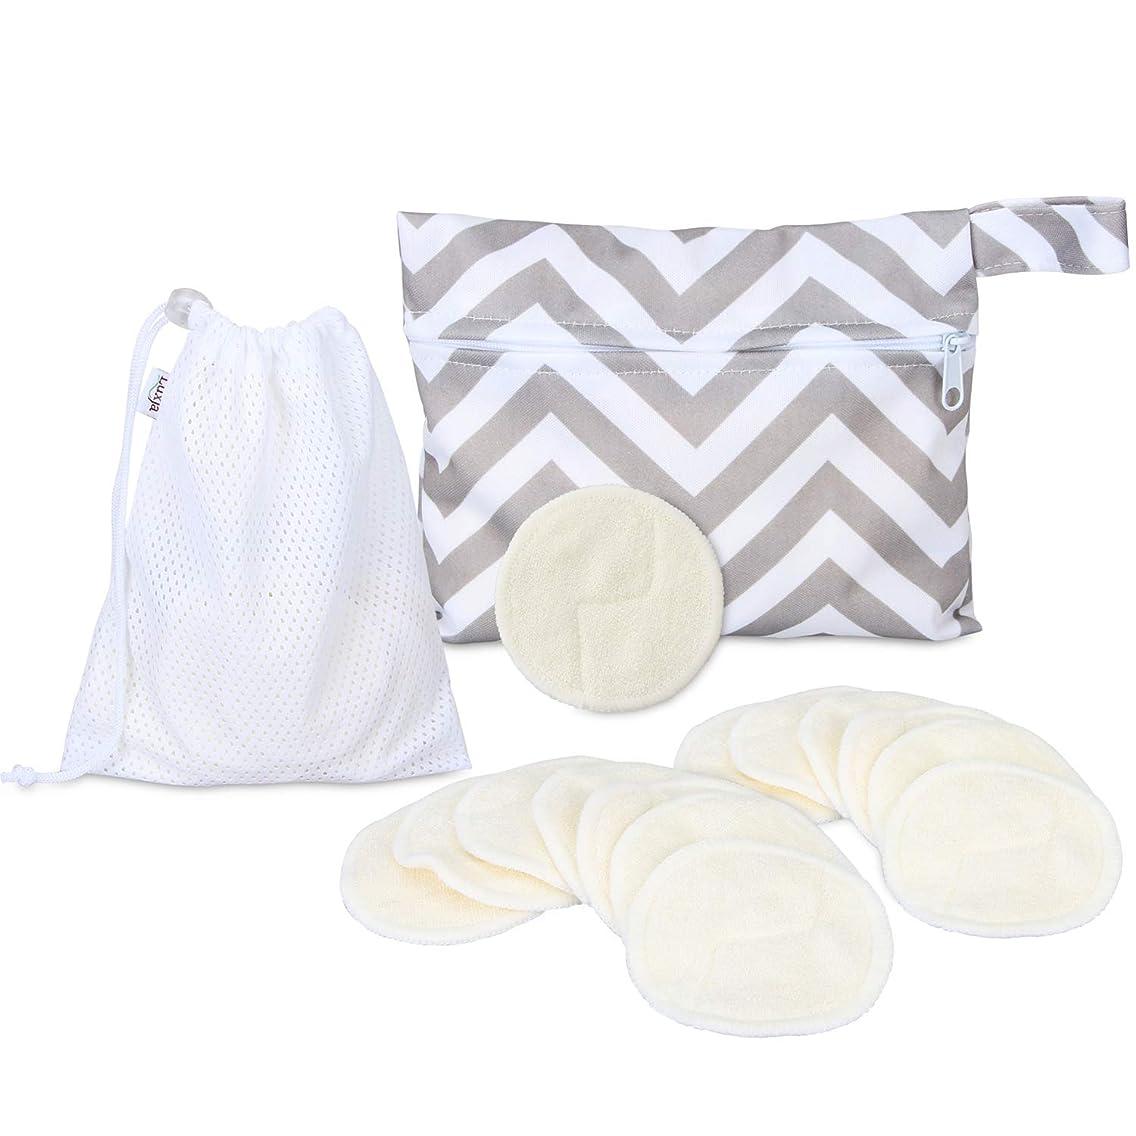 請願者リズム奇跡Luxja 竹繊維クレンジングパッド 洗濯ネットと収納ポーチ付き